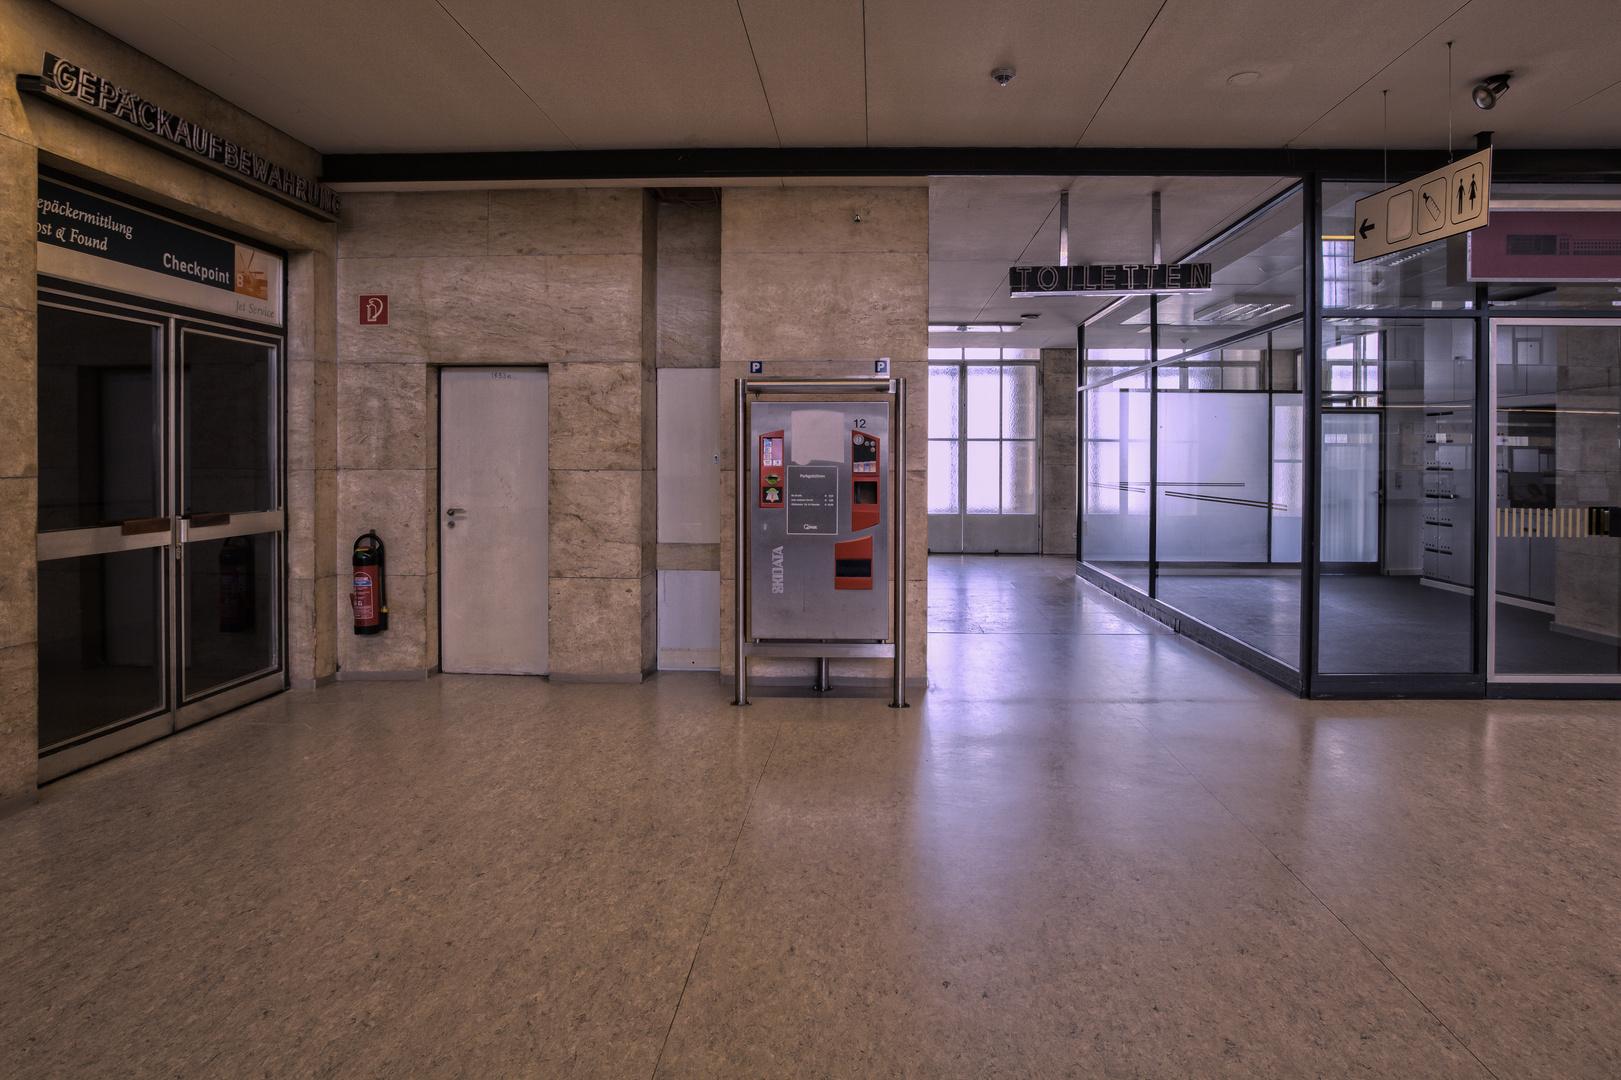 Flughafen Berlin Tempelhof (8)